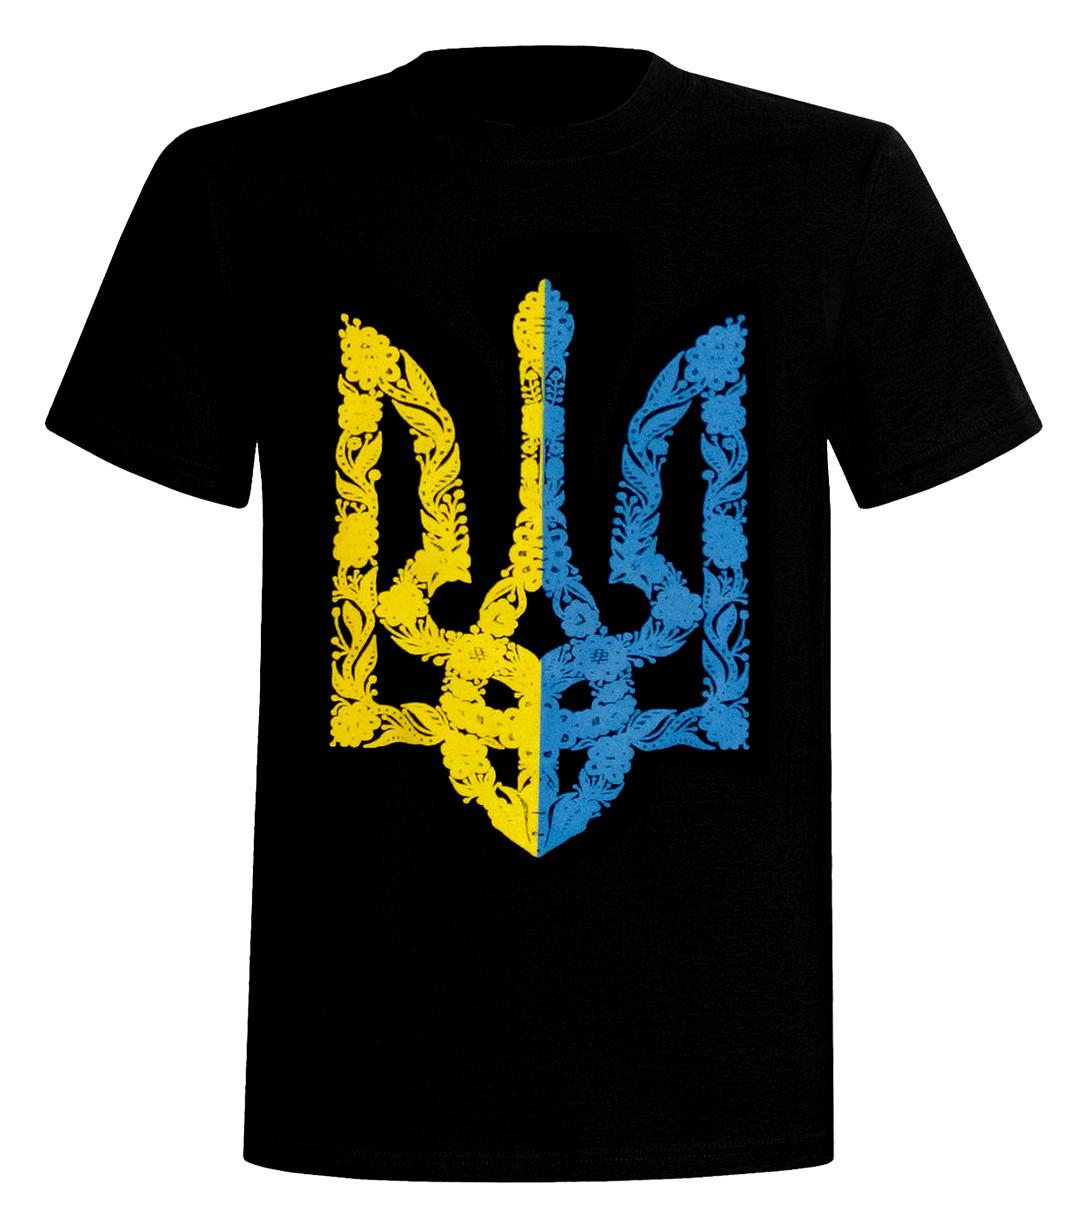 Футболка Тризуб орнамент - Donna Misteriosa. Агрегатор виробників України.  Без самовивозу. Відправка по 580b788761ddf